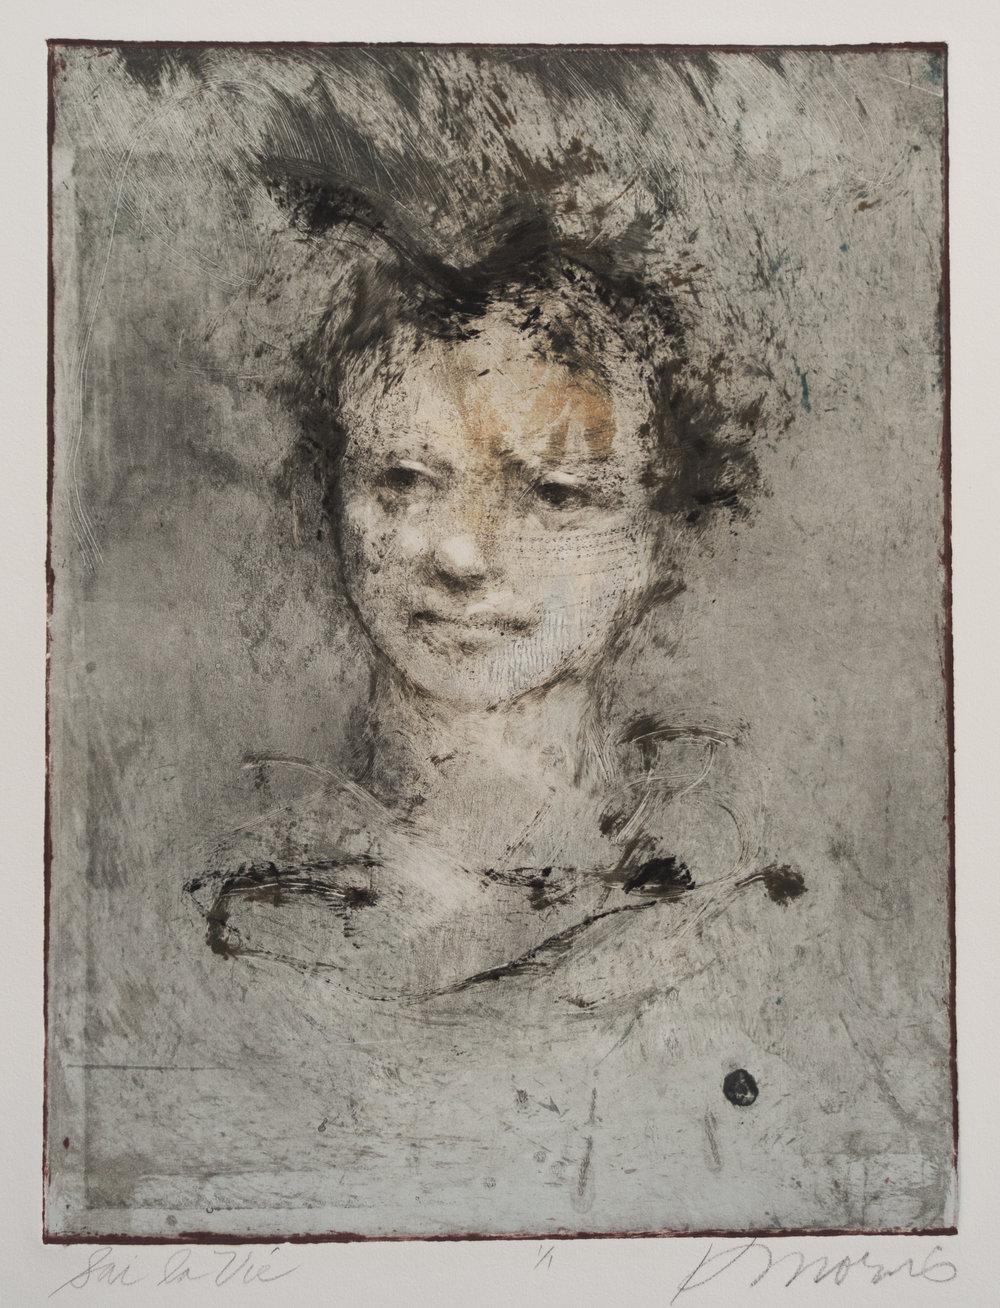 Sai la Vie  Monotype Image size: 16 x 12 inches Paper size: 30 x 22 inches